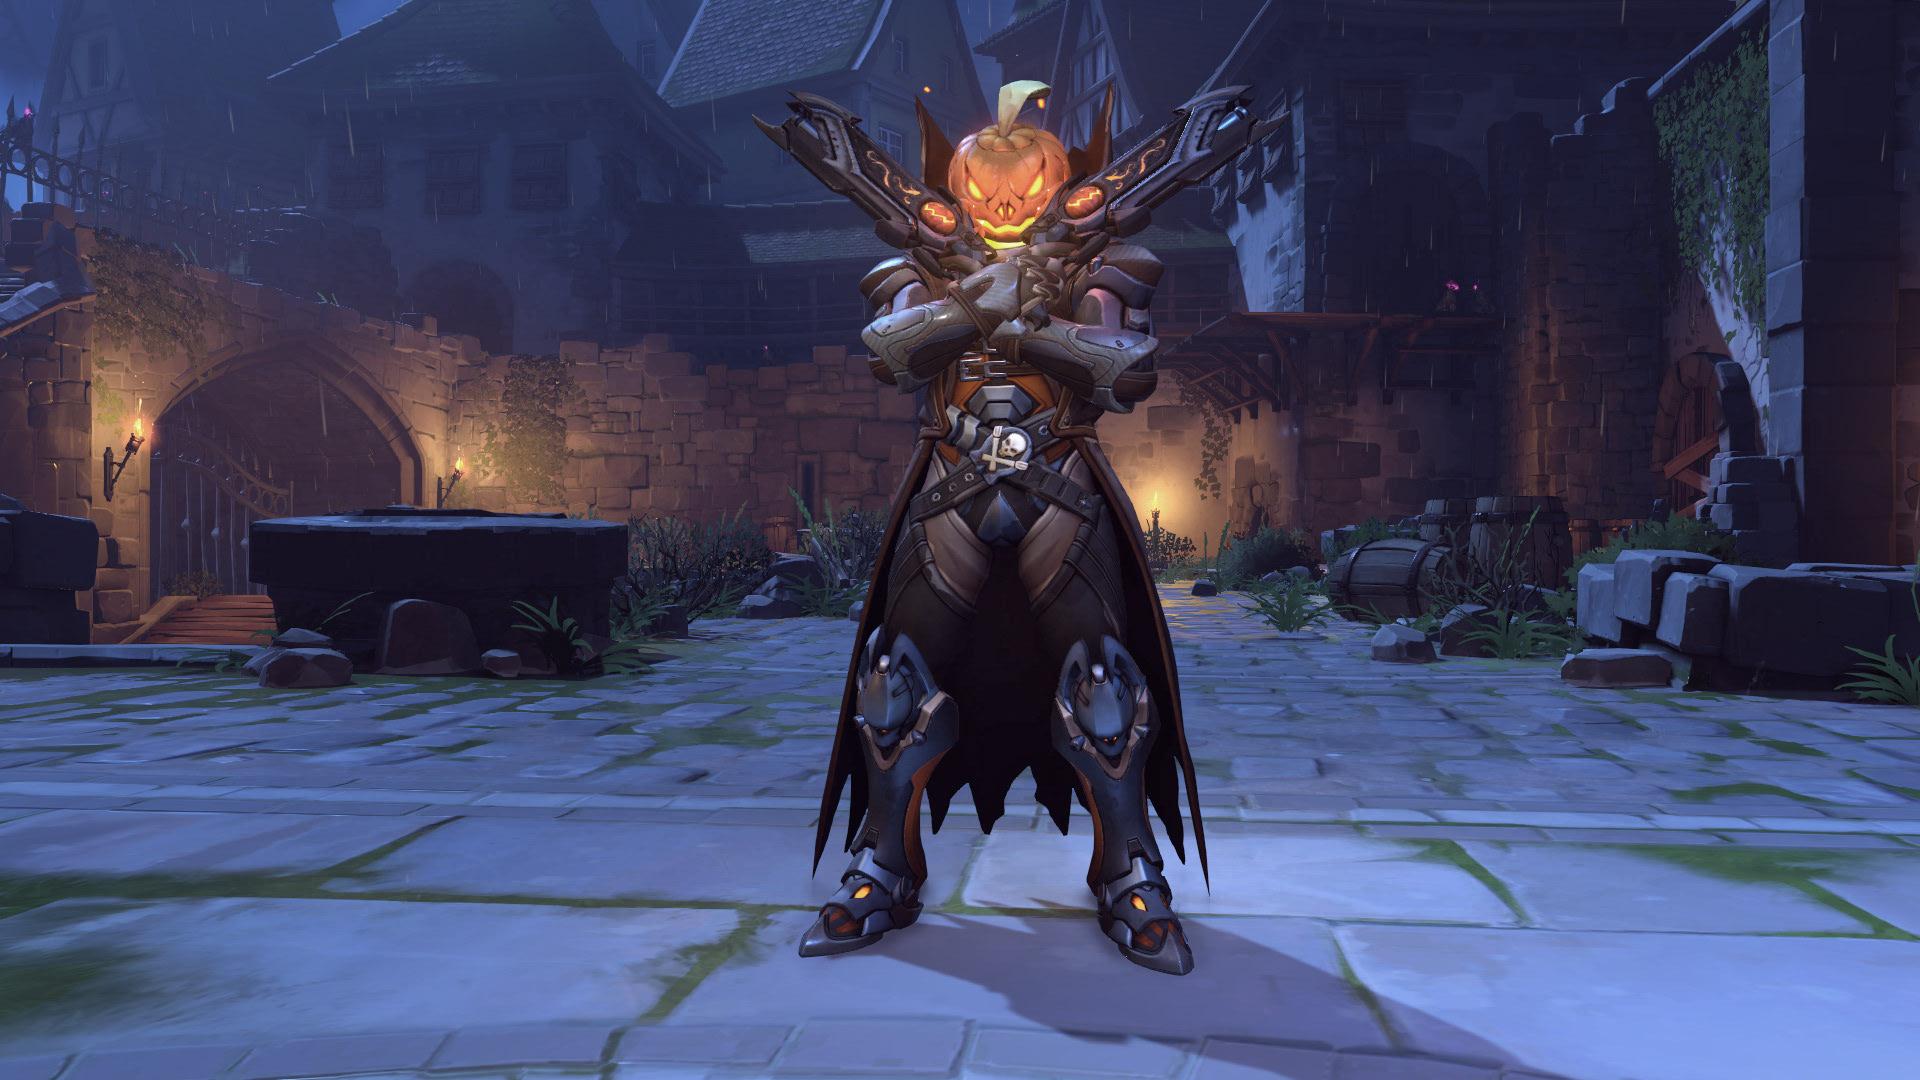 Reaper Overwatch Halloween Skin